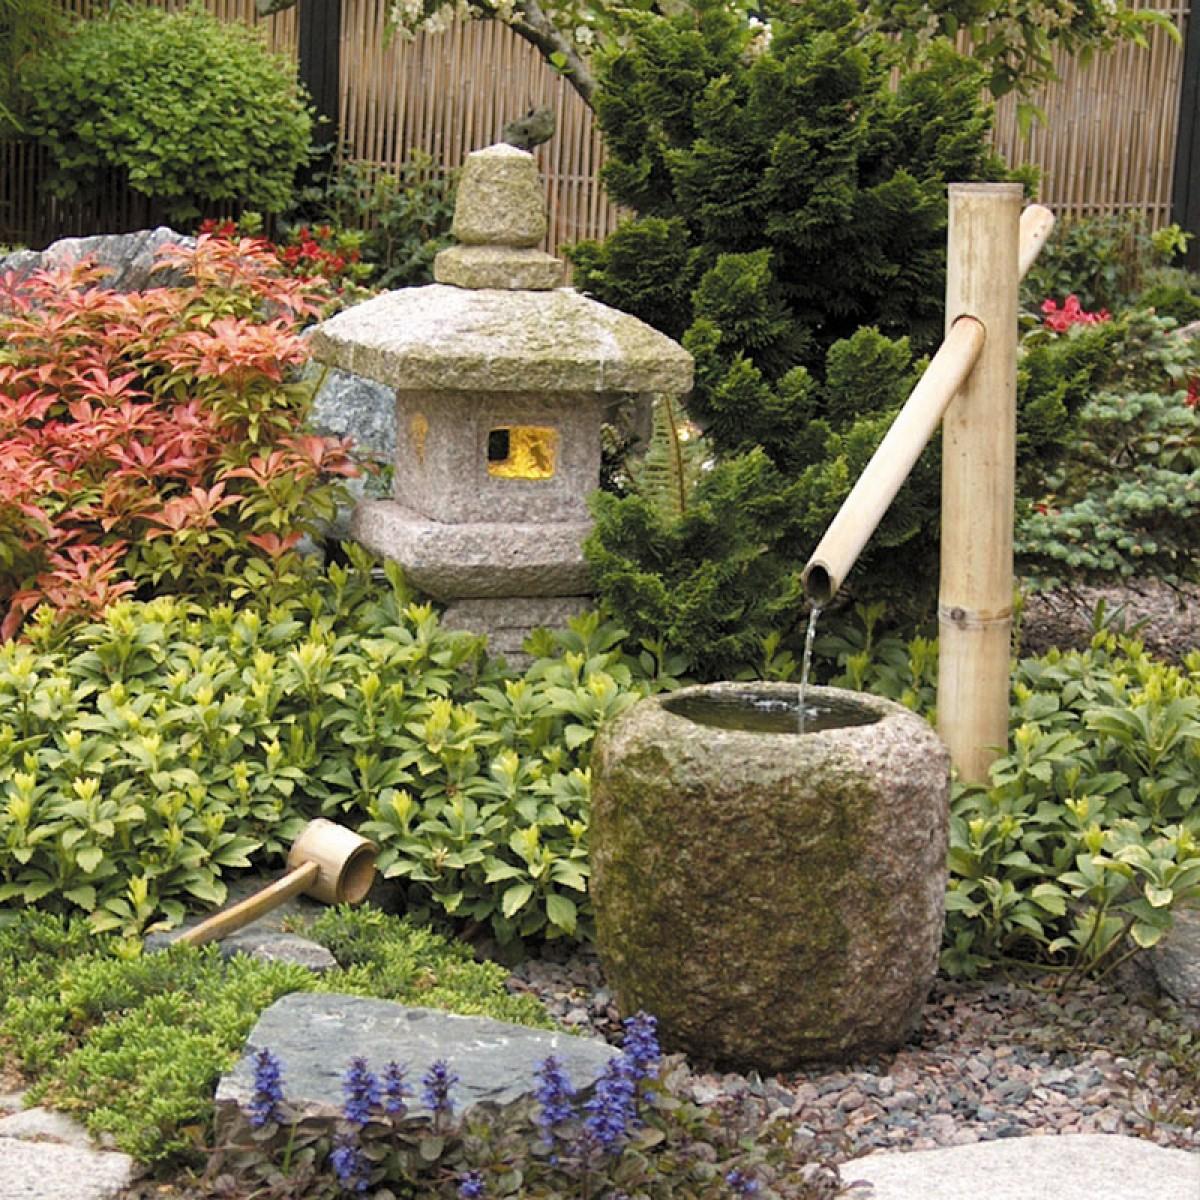 vatten dekoration trädgård